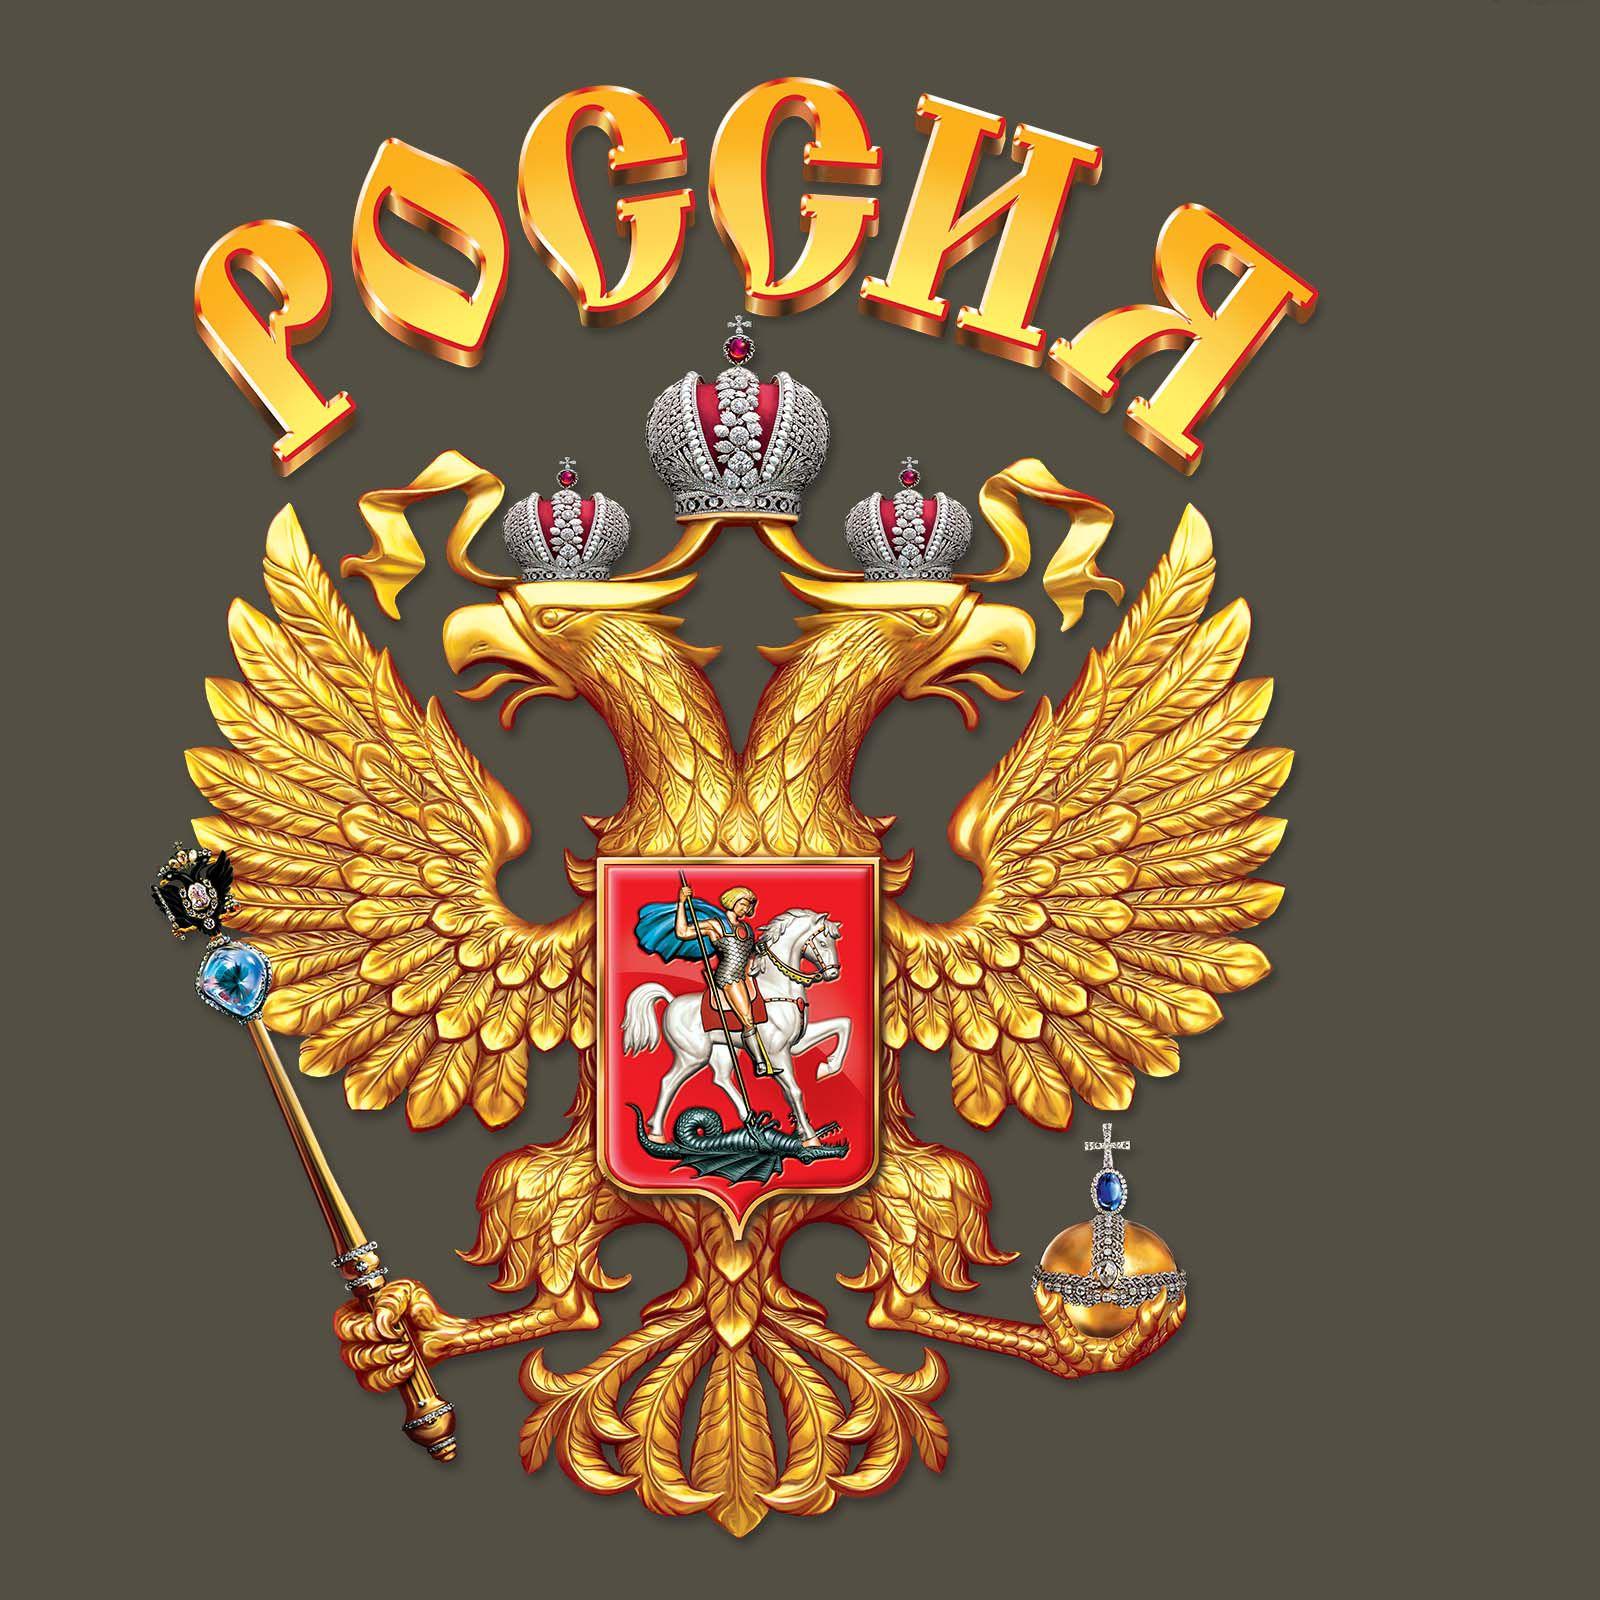 Футболка с гербом и надписью Россия